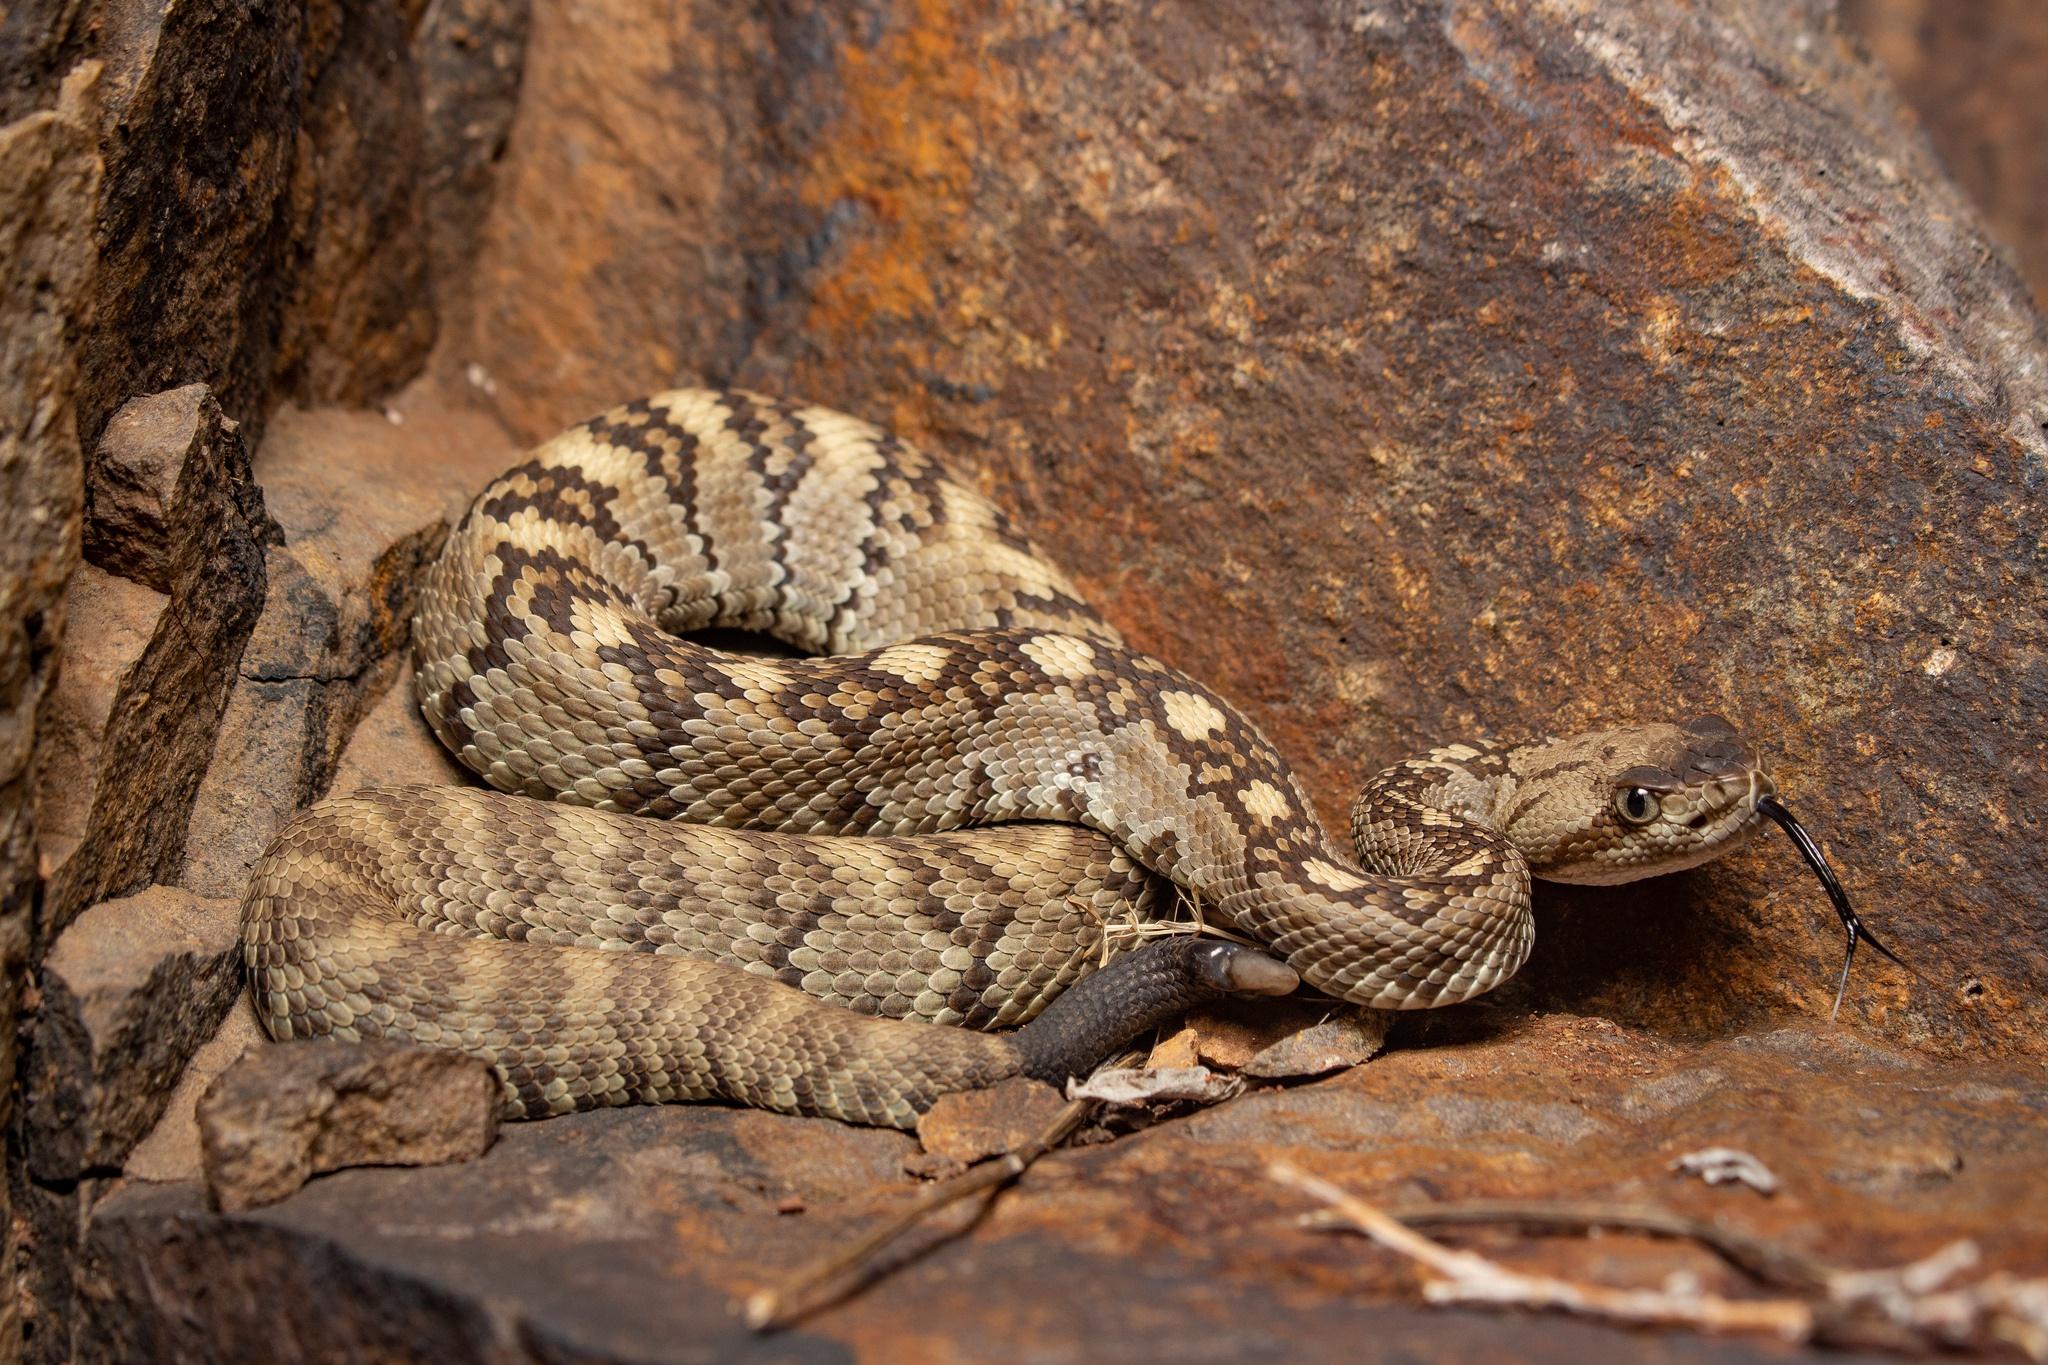 Картинка про змею и камень